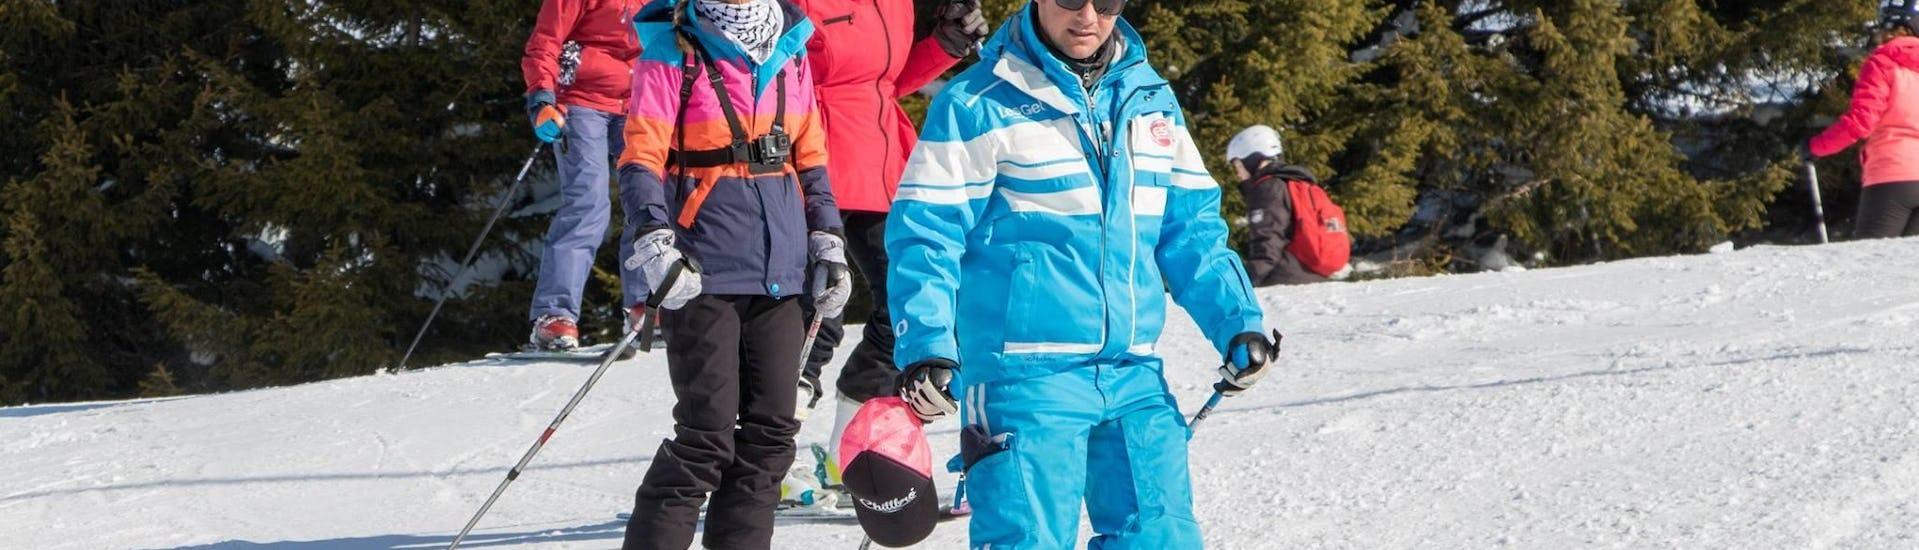 Ski Private for Adults - Saturday